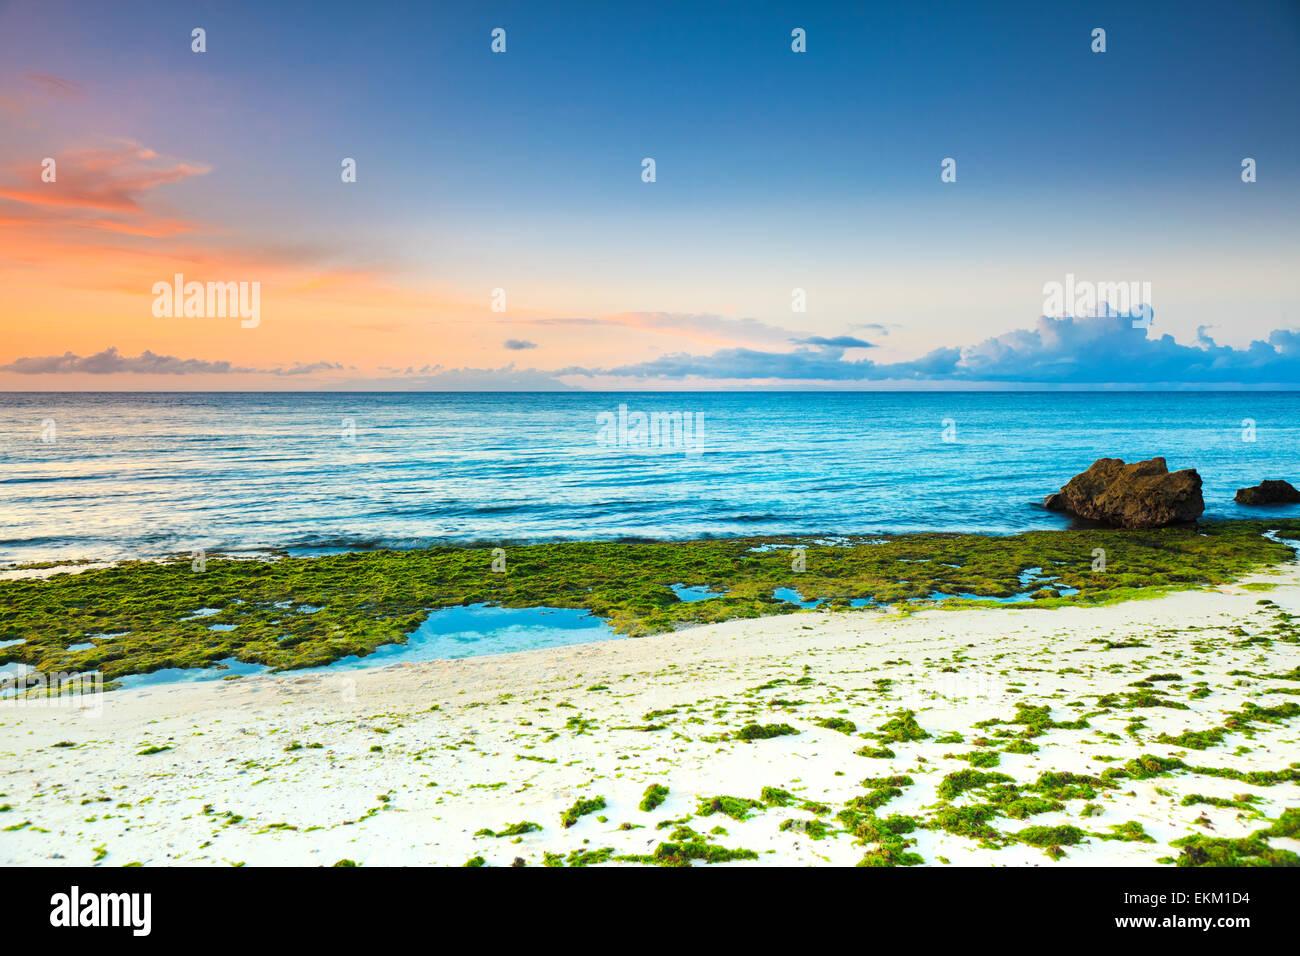 Sonnenaufgang über dem Meer. Stein im Vordergrund Stockbild